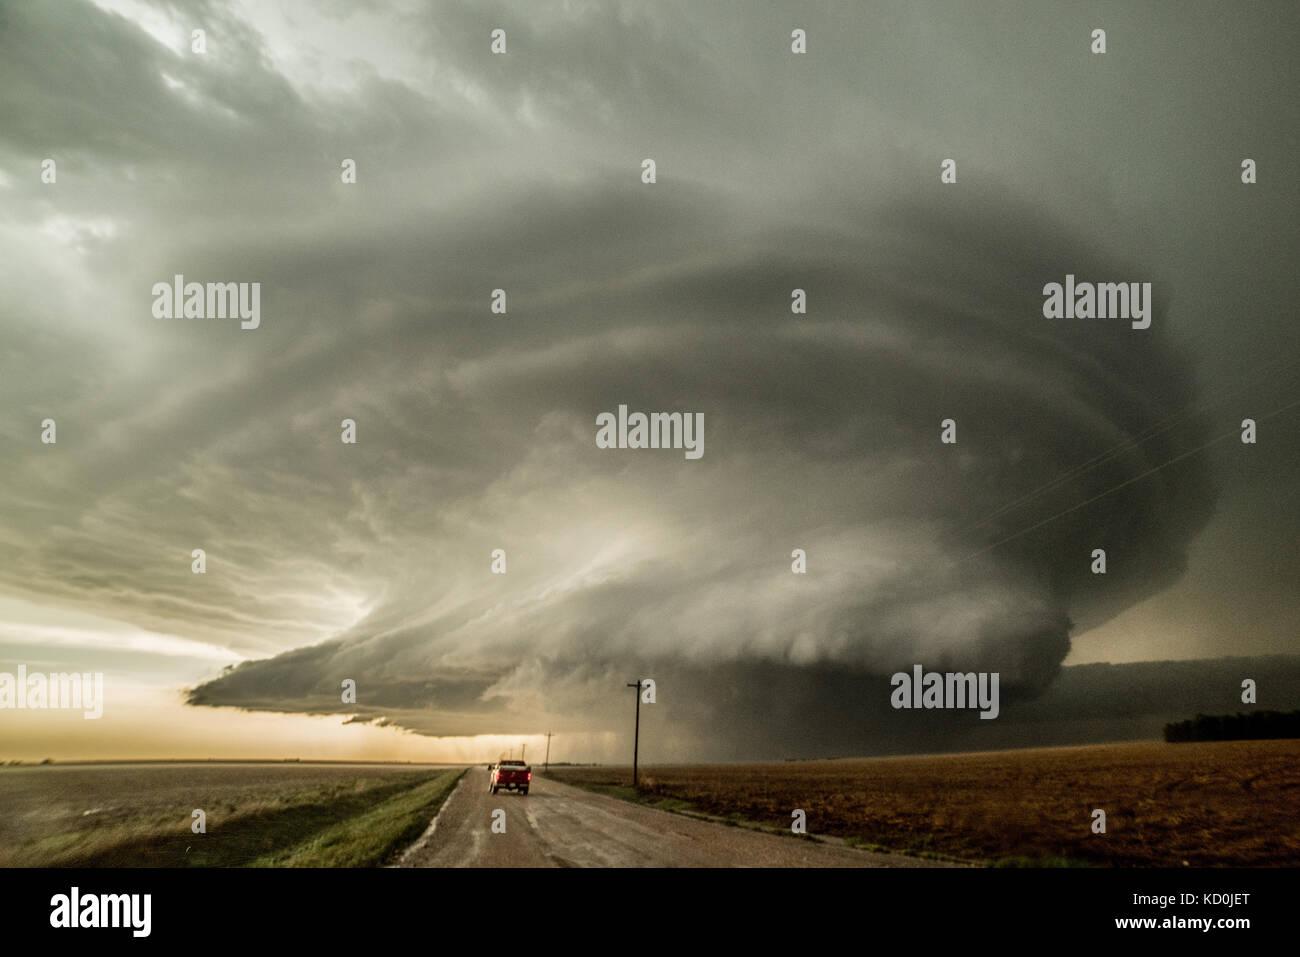 Storm Chaser conduisant à un orage supercellulaire qui a produit trois tornades et est sur le point de produire un quatrième, Leoti, Kansas, États-Unis Banque D'Images